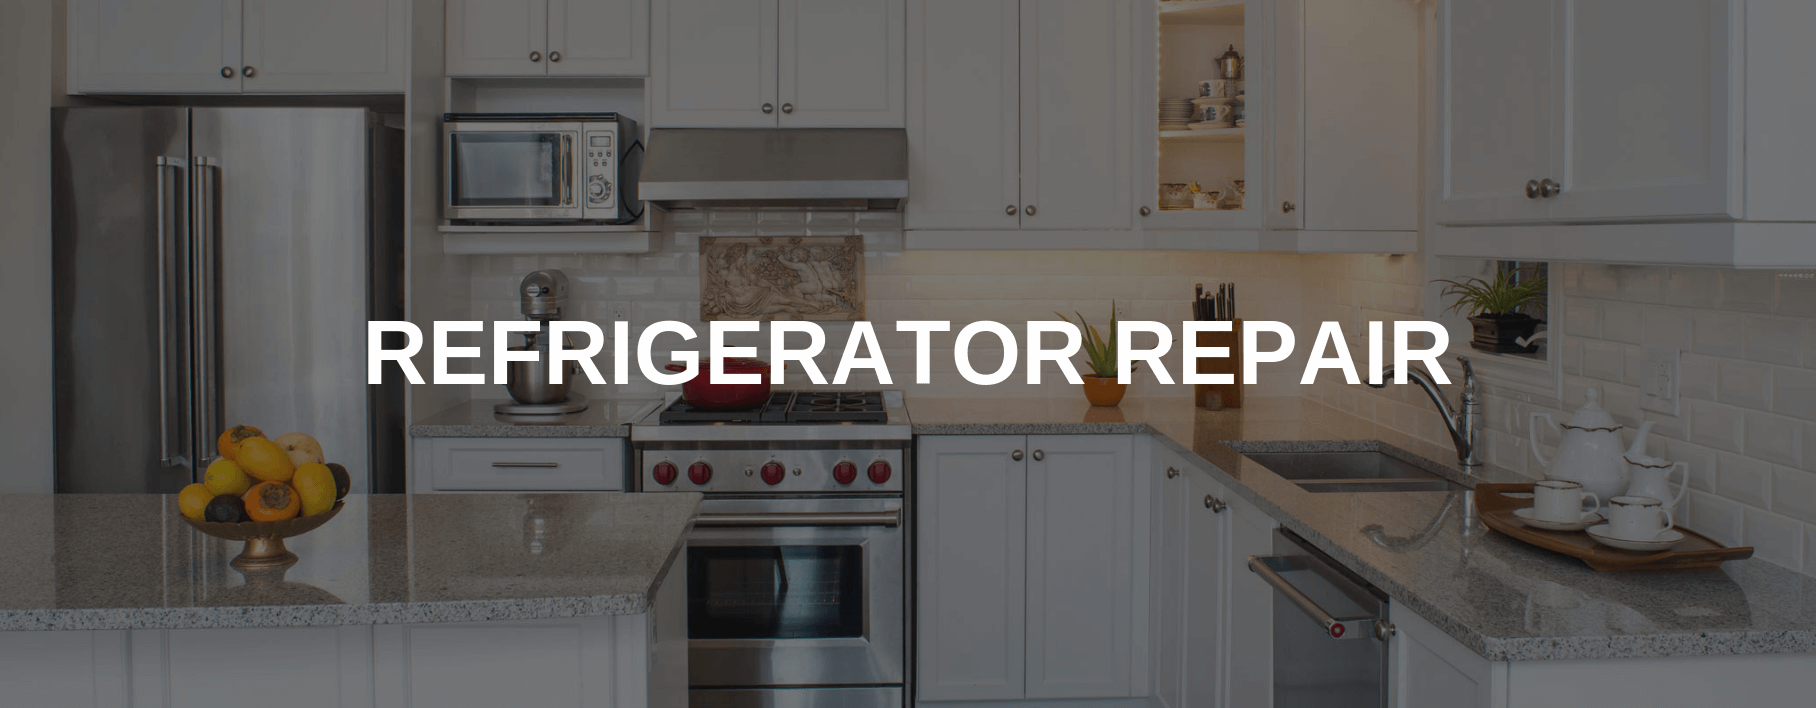 refrigerator repair olathe